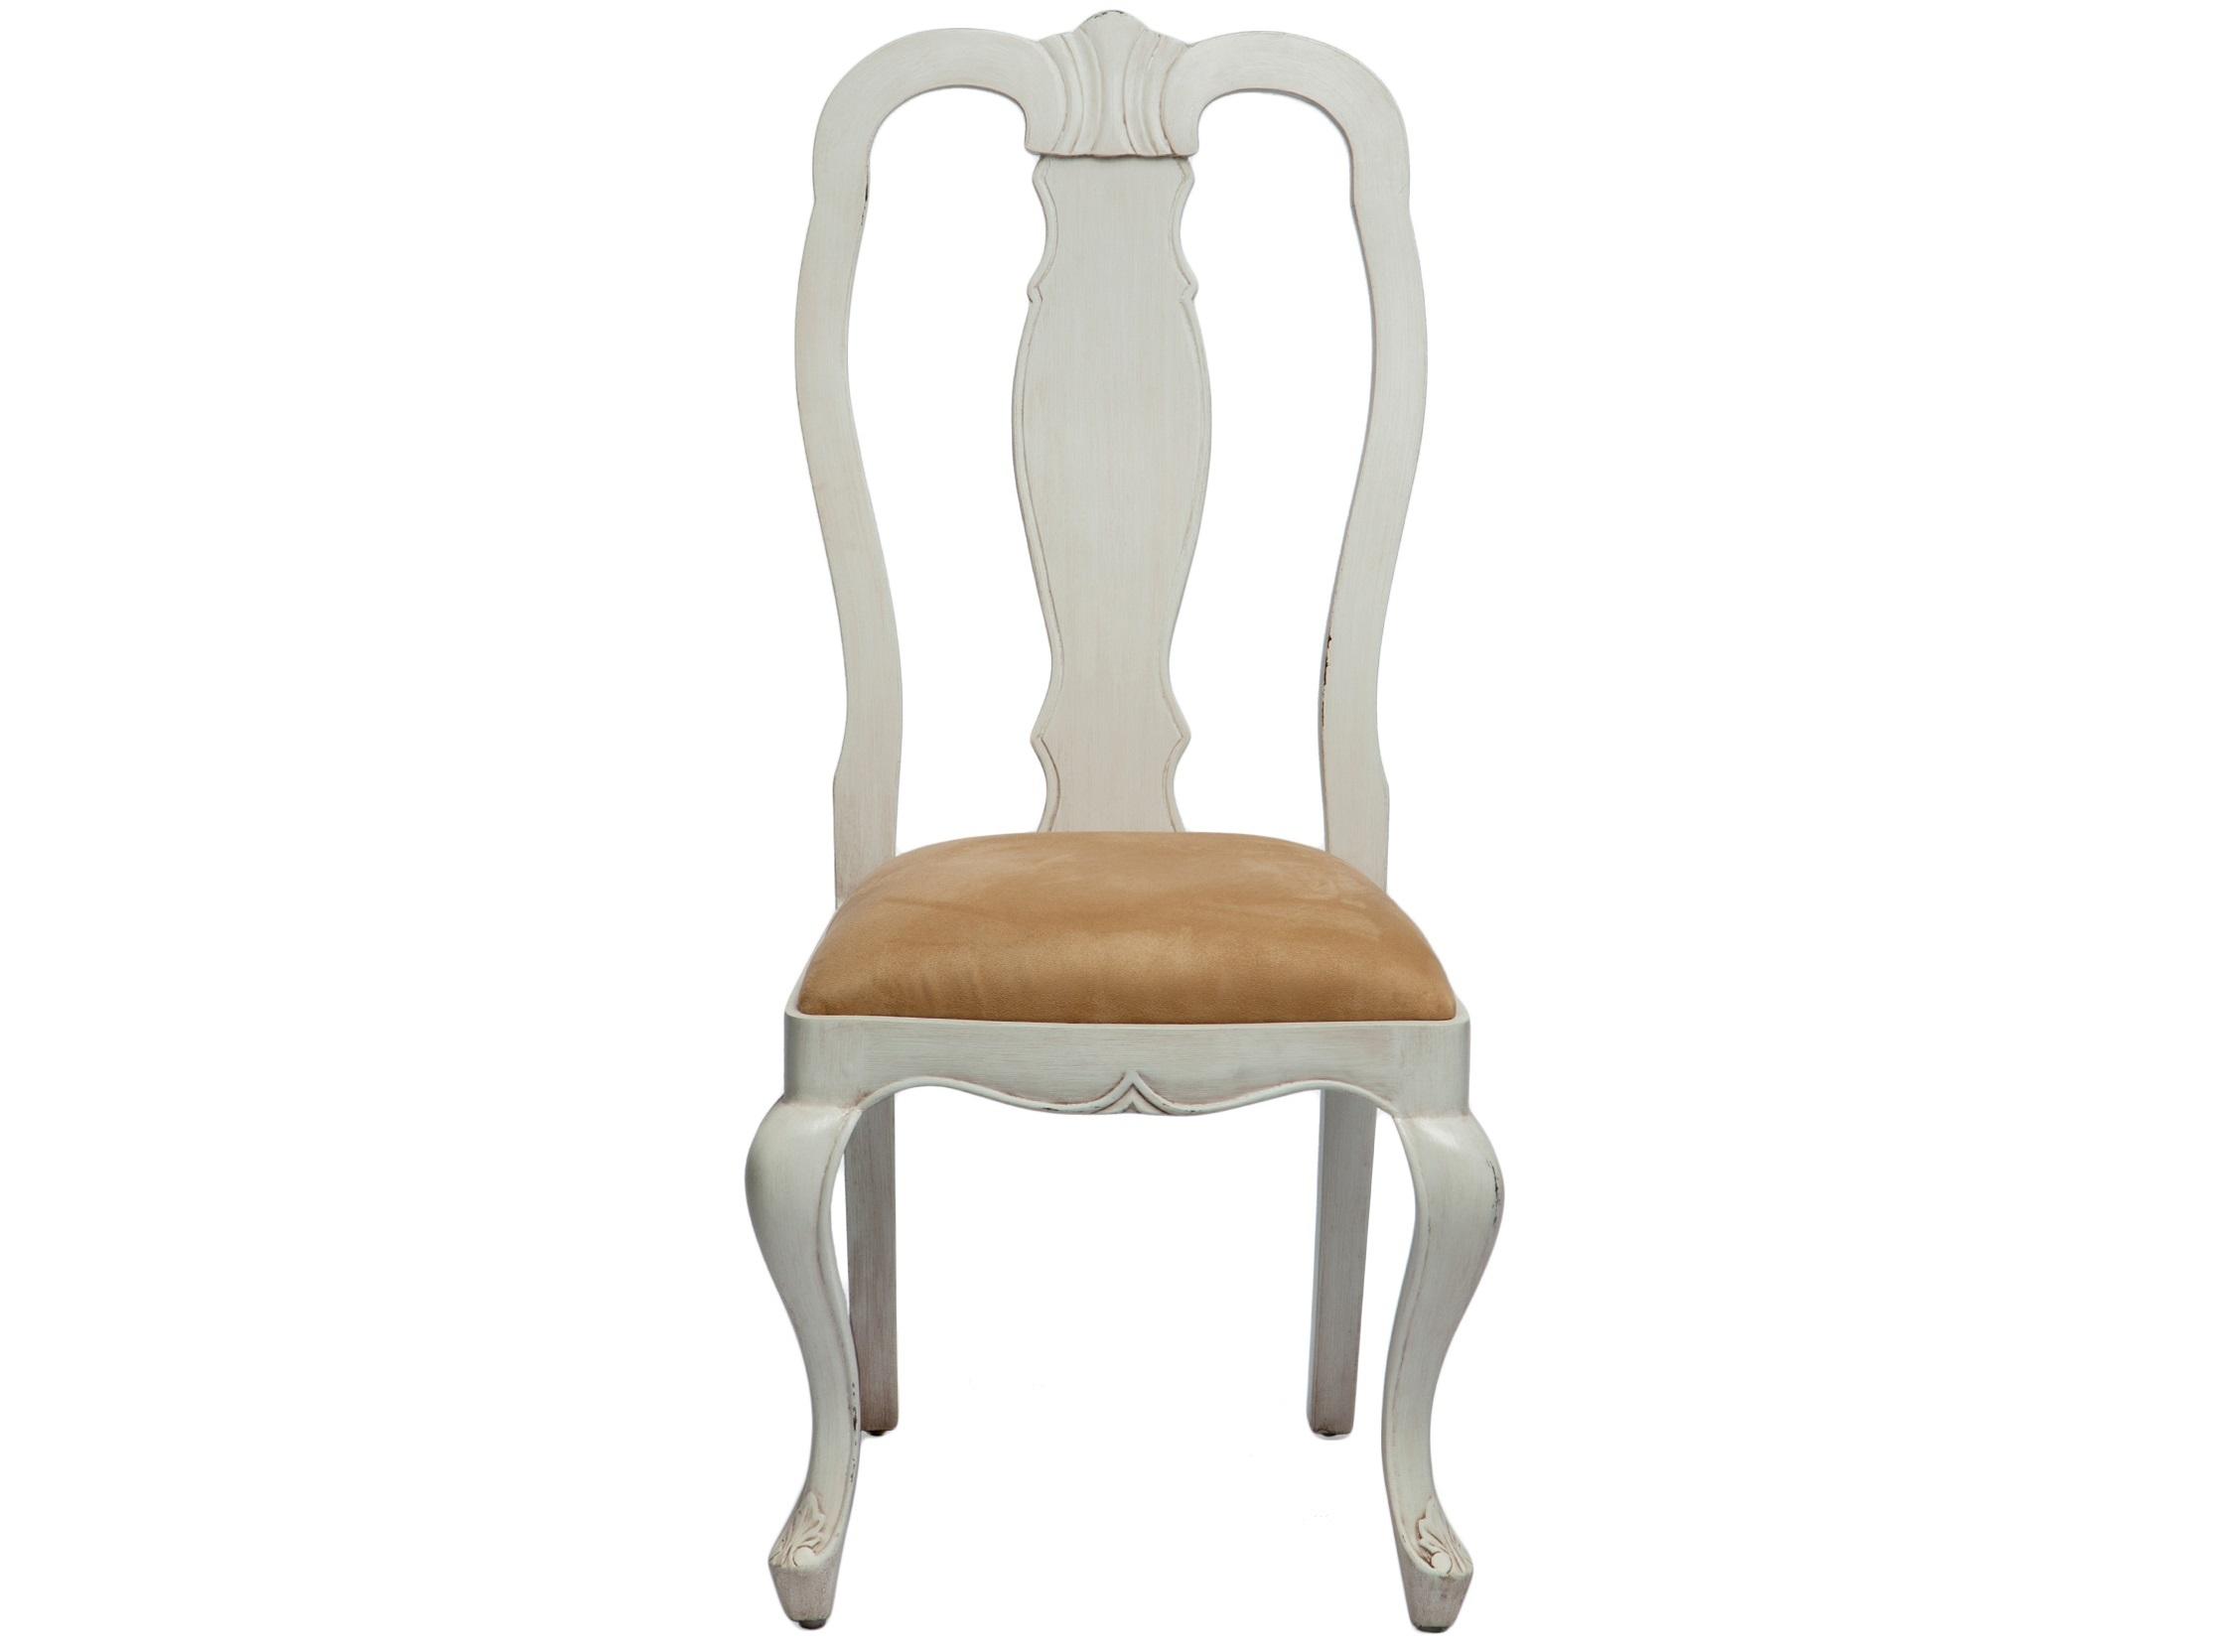 Стул ЛордОбеденные стулья<br>Стул из дерева махагони с высокой спинкой, бархатистая обивка.&amp;amp;nbsp;<br><br>Material: Замша<br>Width см: 56<br>Depth см: 52<br>Height см: 107